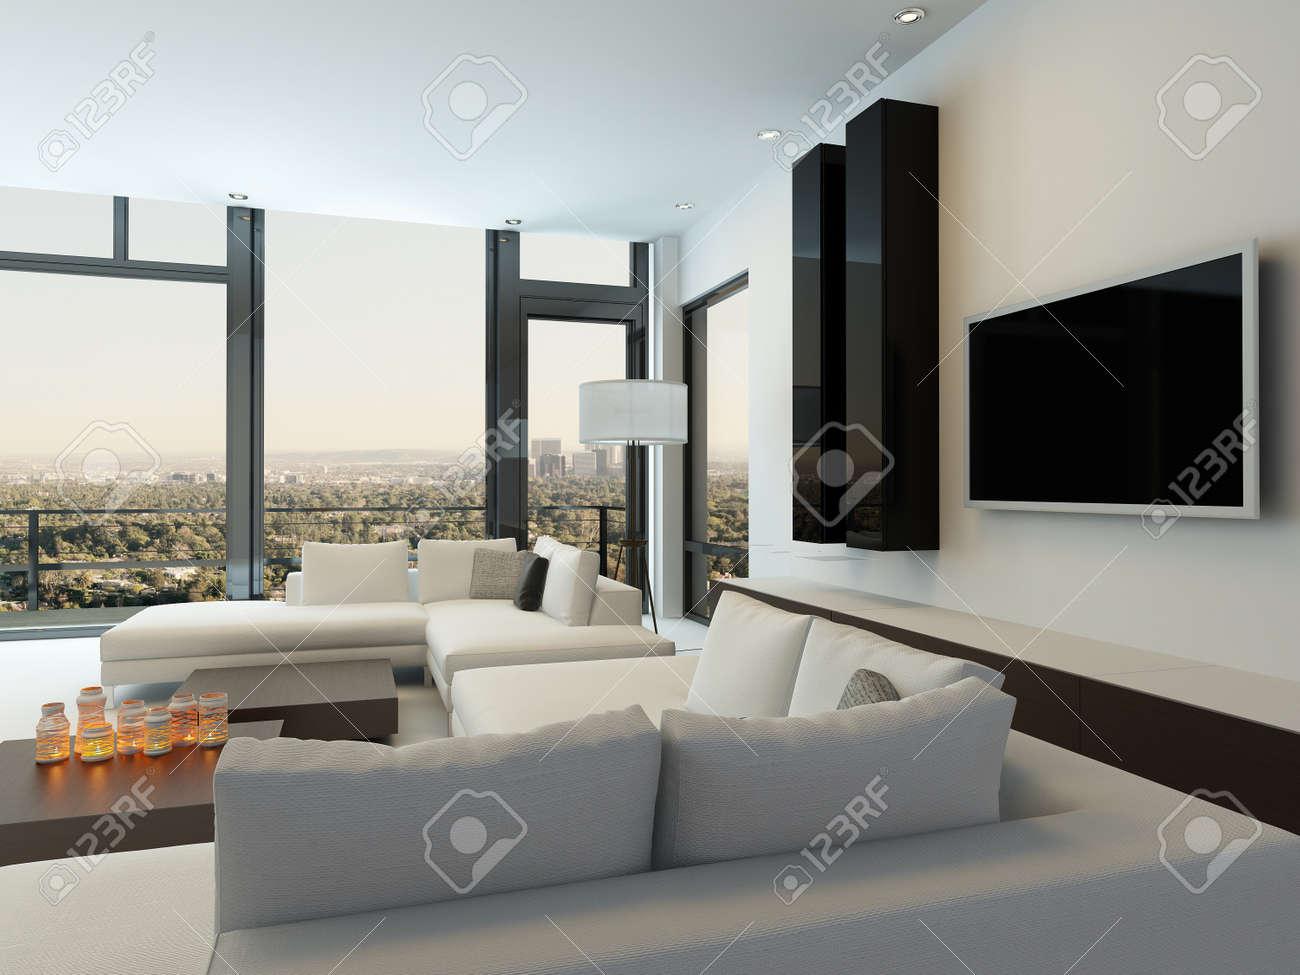 Marvelous Modernes Design Sonnigen Wohnzimmer Interieur Mit Weißen Couch  Standard Bild   28747317 Ideas